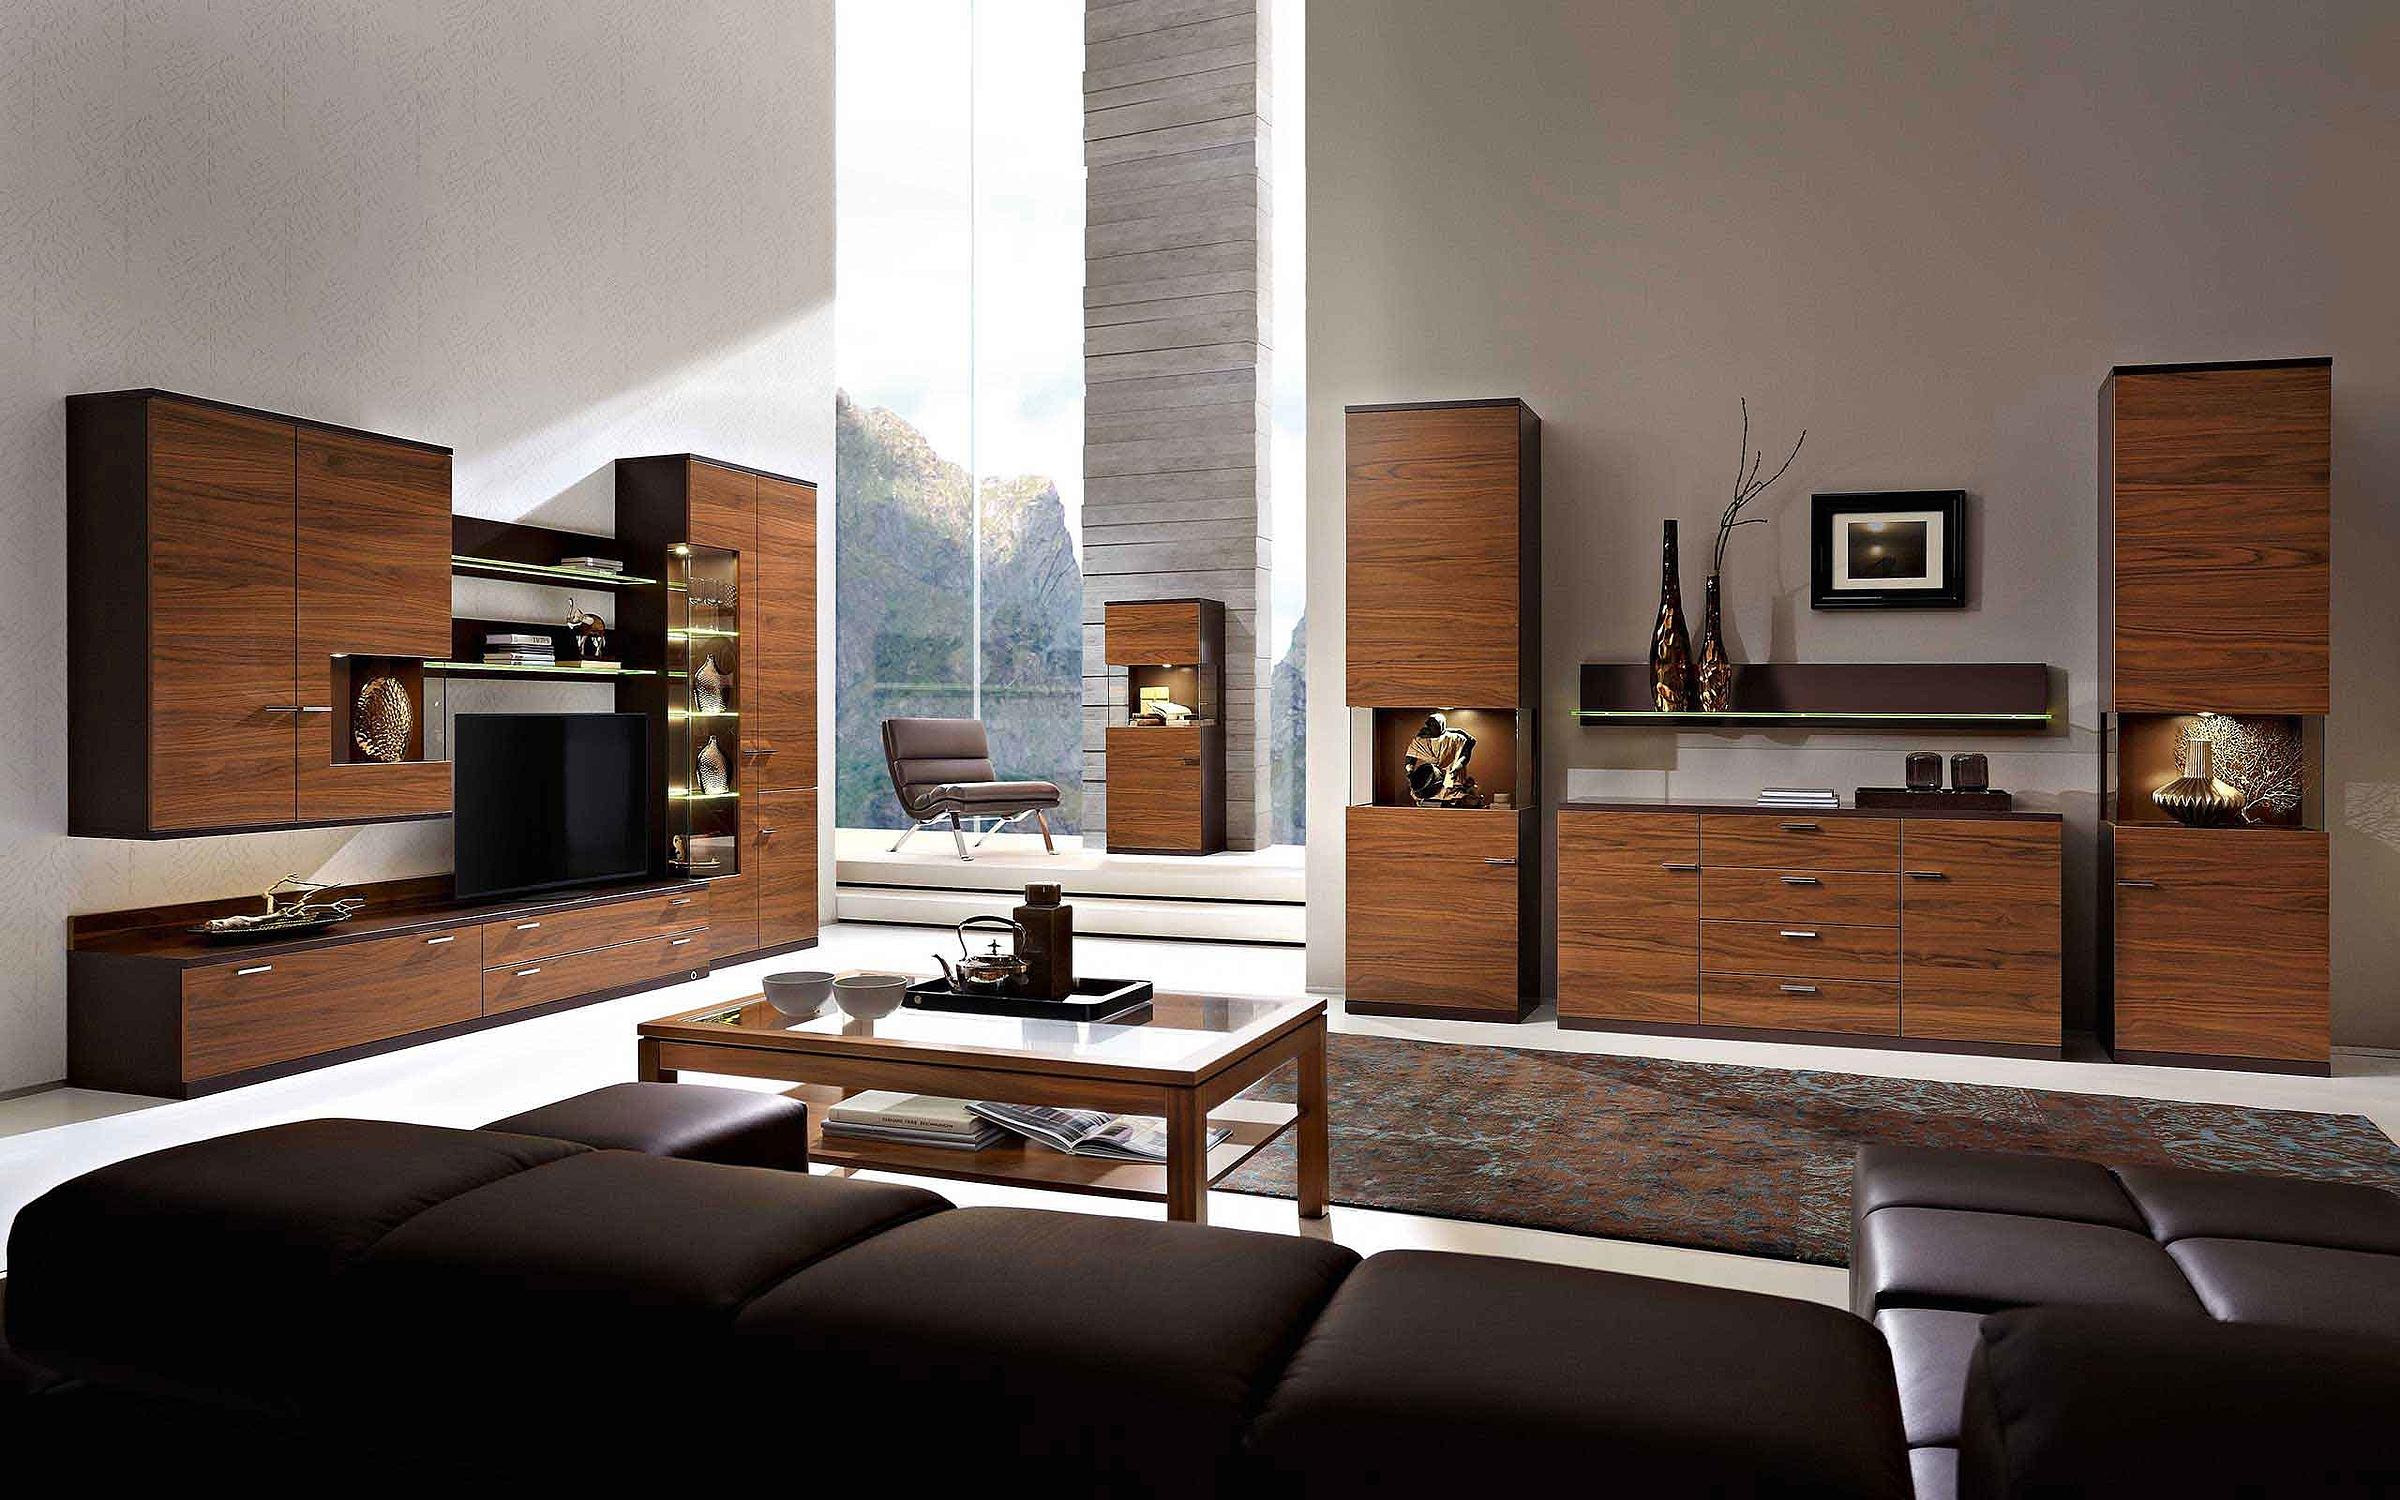 Wohnwand Couchtisch Wohnzimmer Holz Nussbaum Nova Lack braun